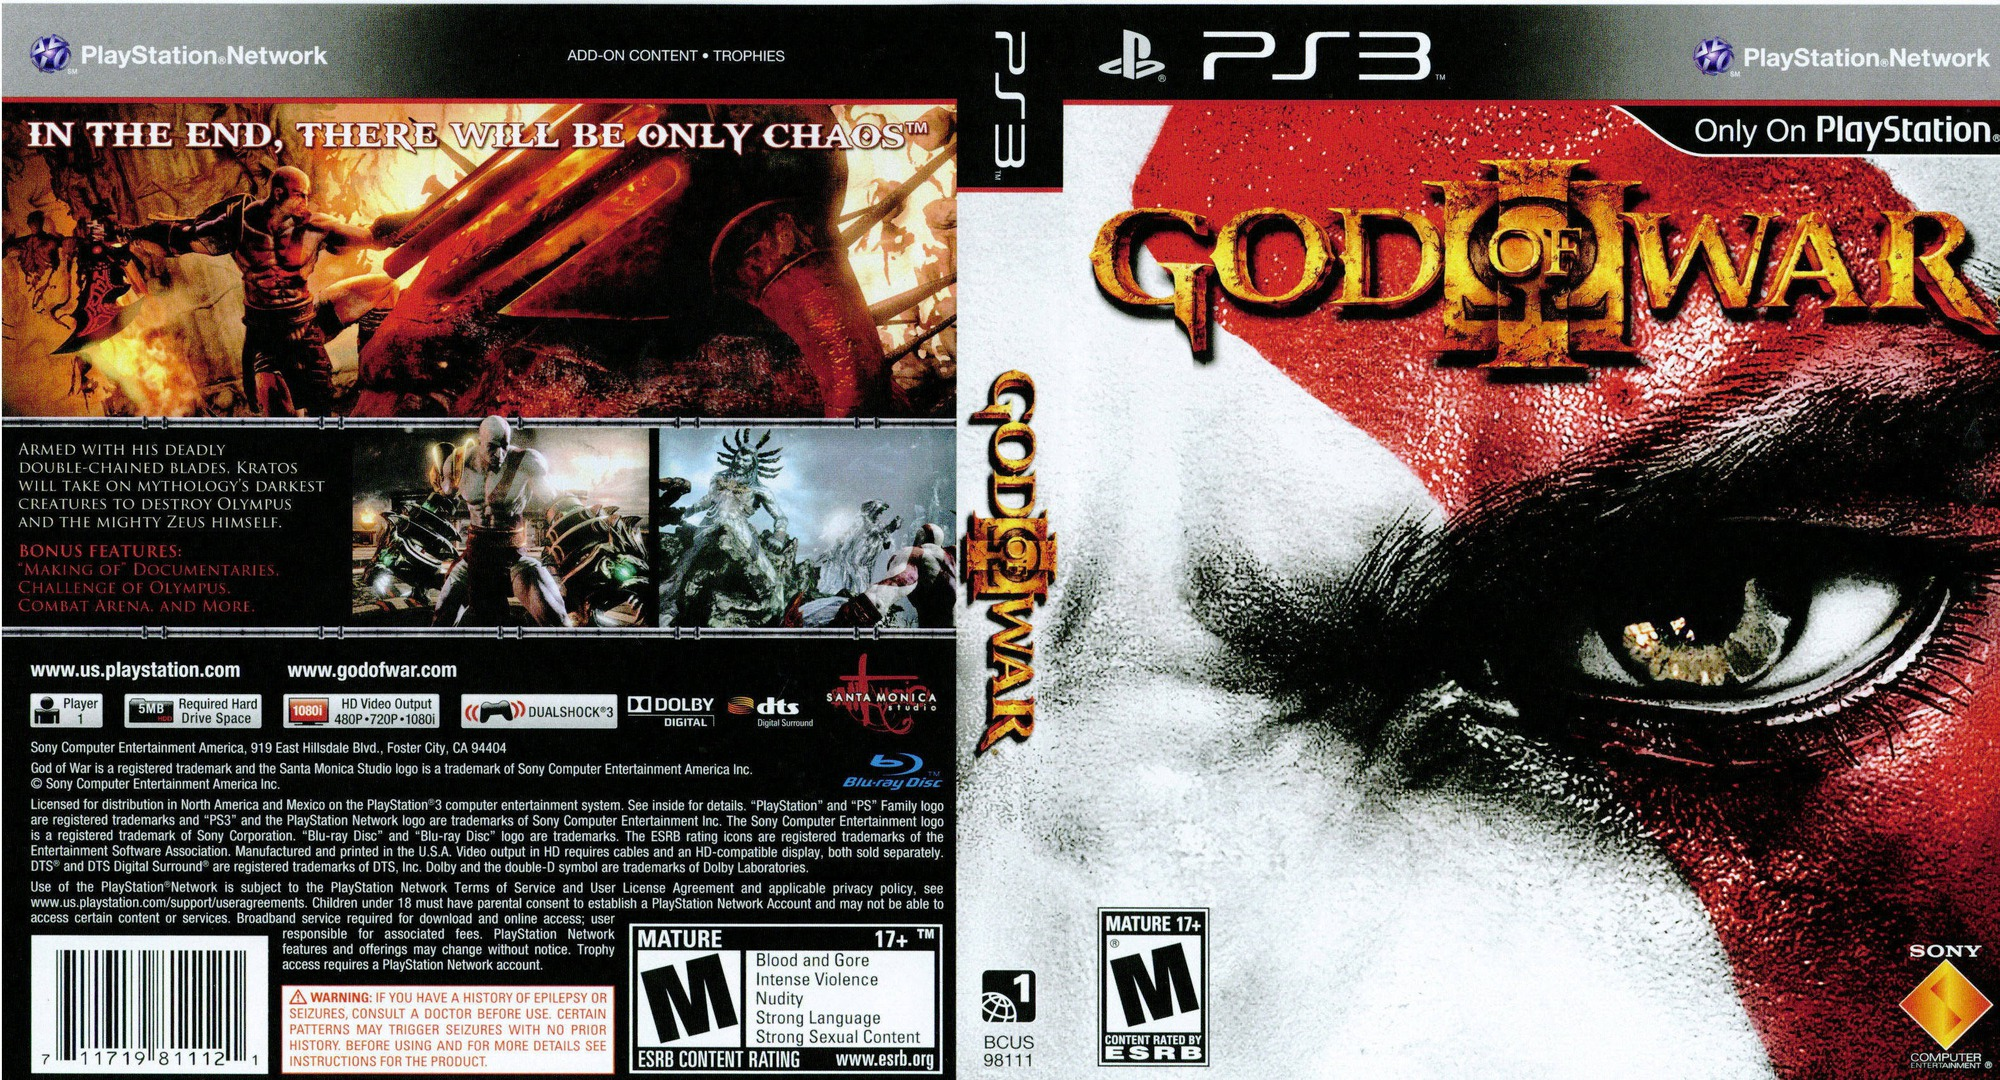 God of War III PS3 coverfullHQ (BCUS98111)